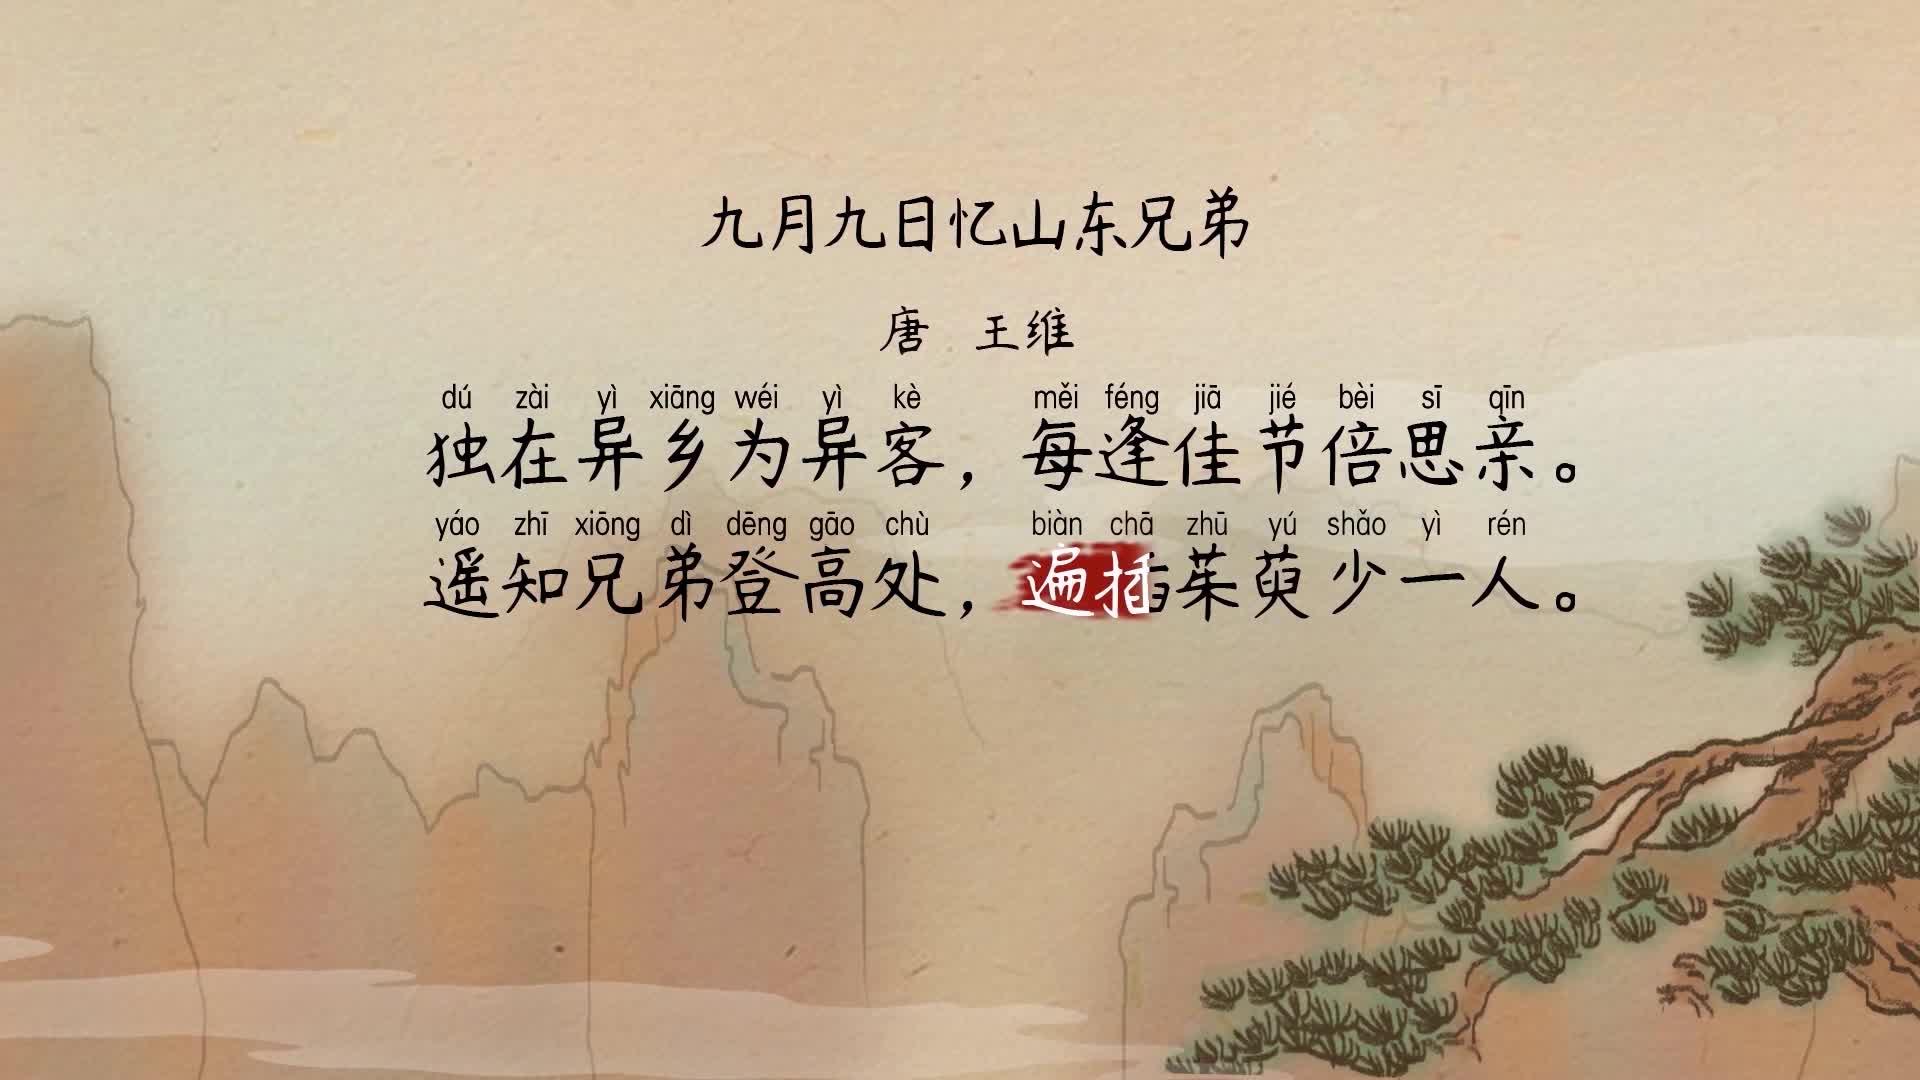 《小学古诗》37九月九日忆山东兄弟-唐 王维